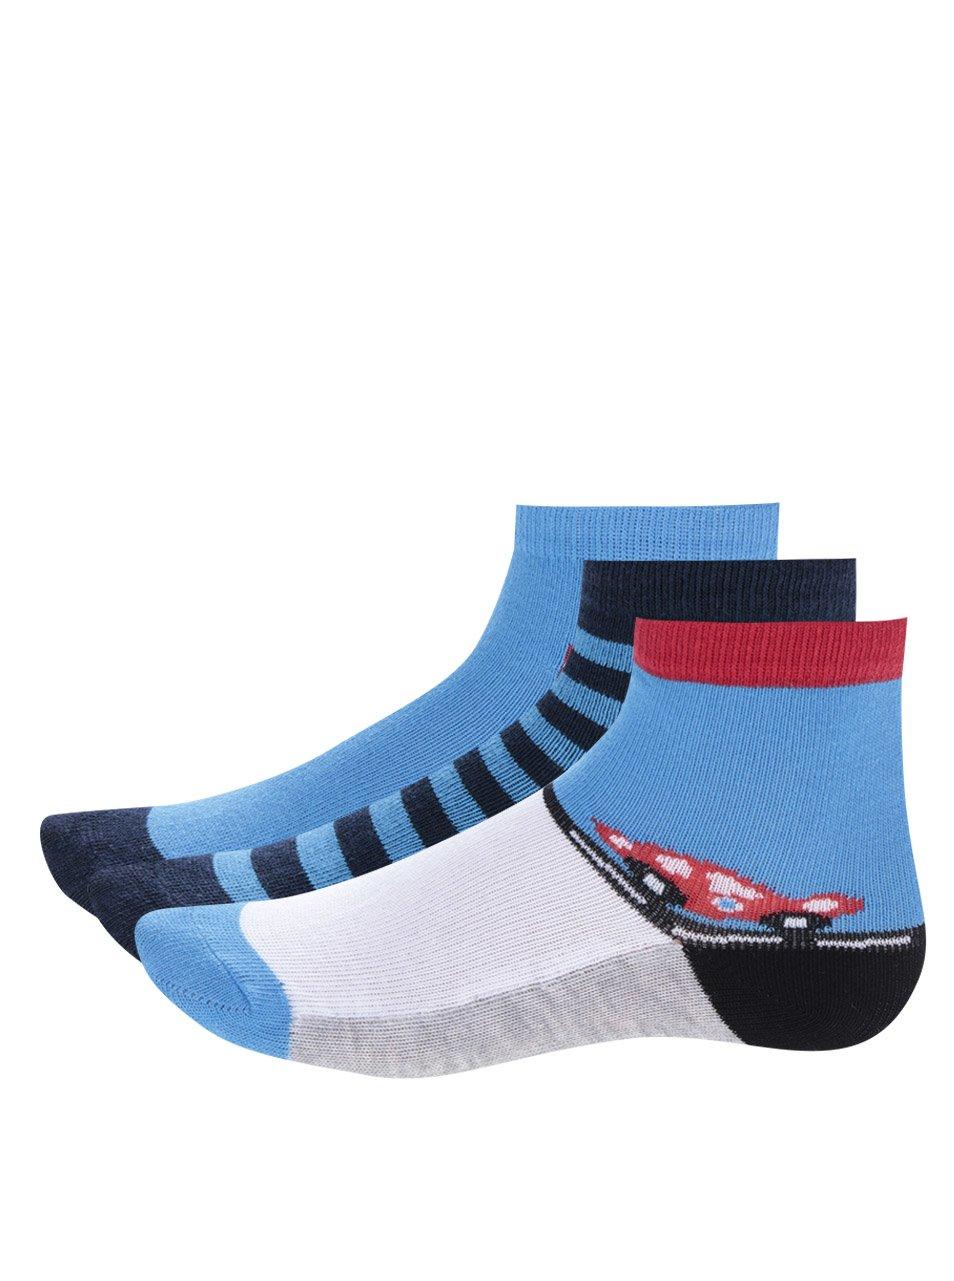 Fotografie Sada tří párů červeno-modrých klučičích ponožek s pruhy a auty 5.10.15.